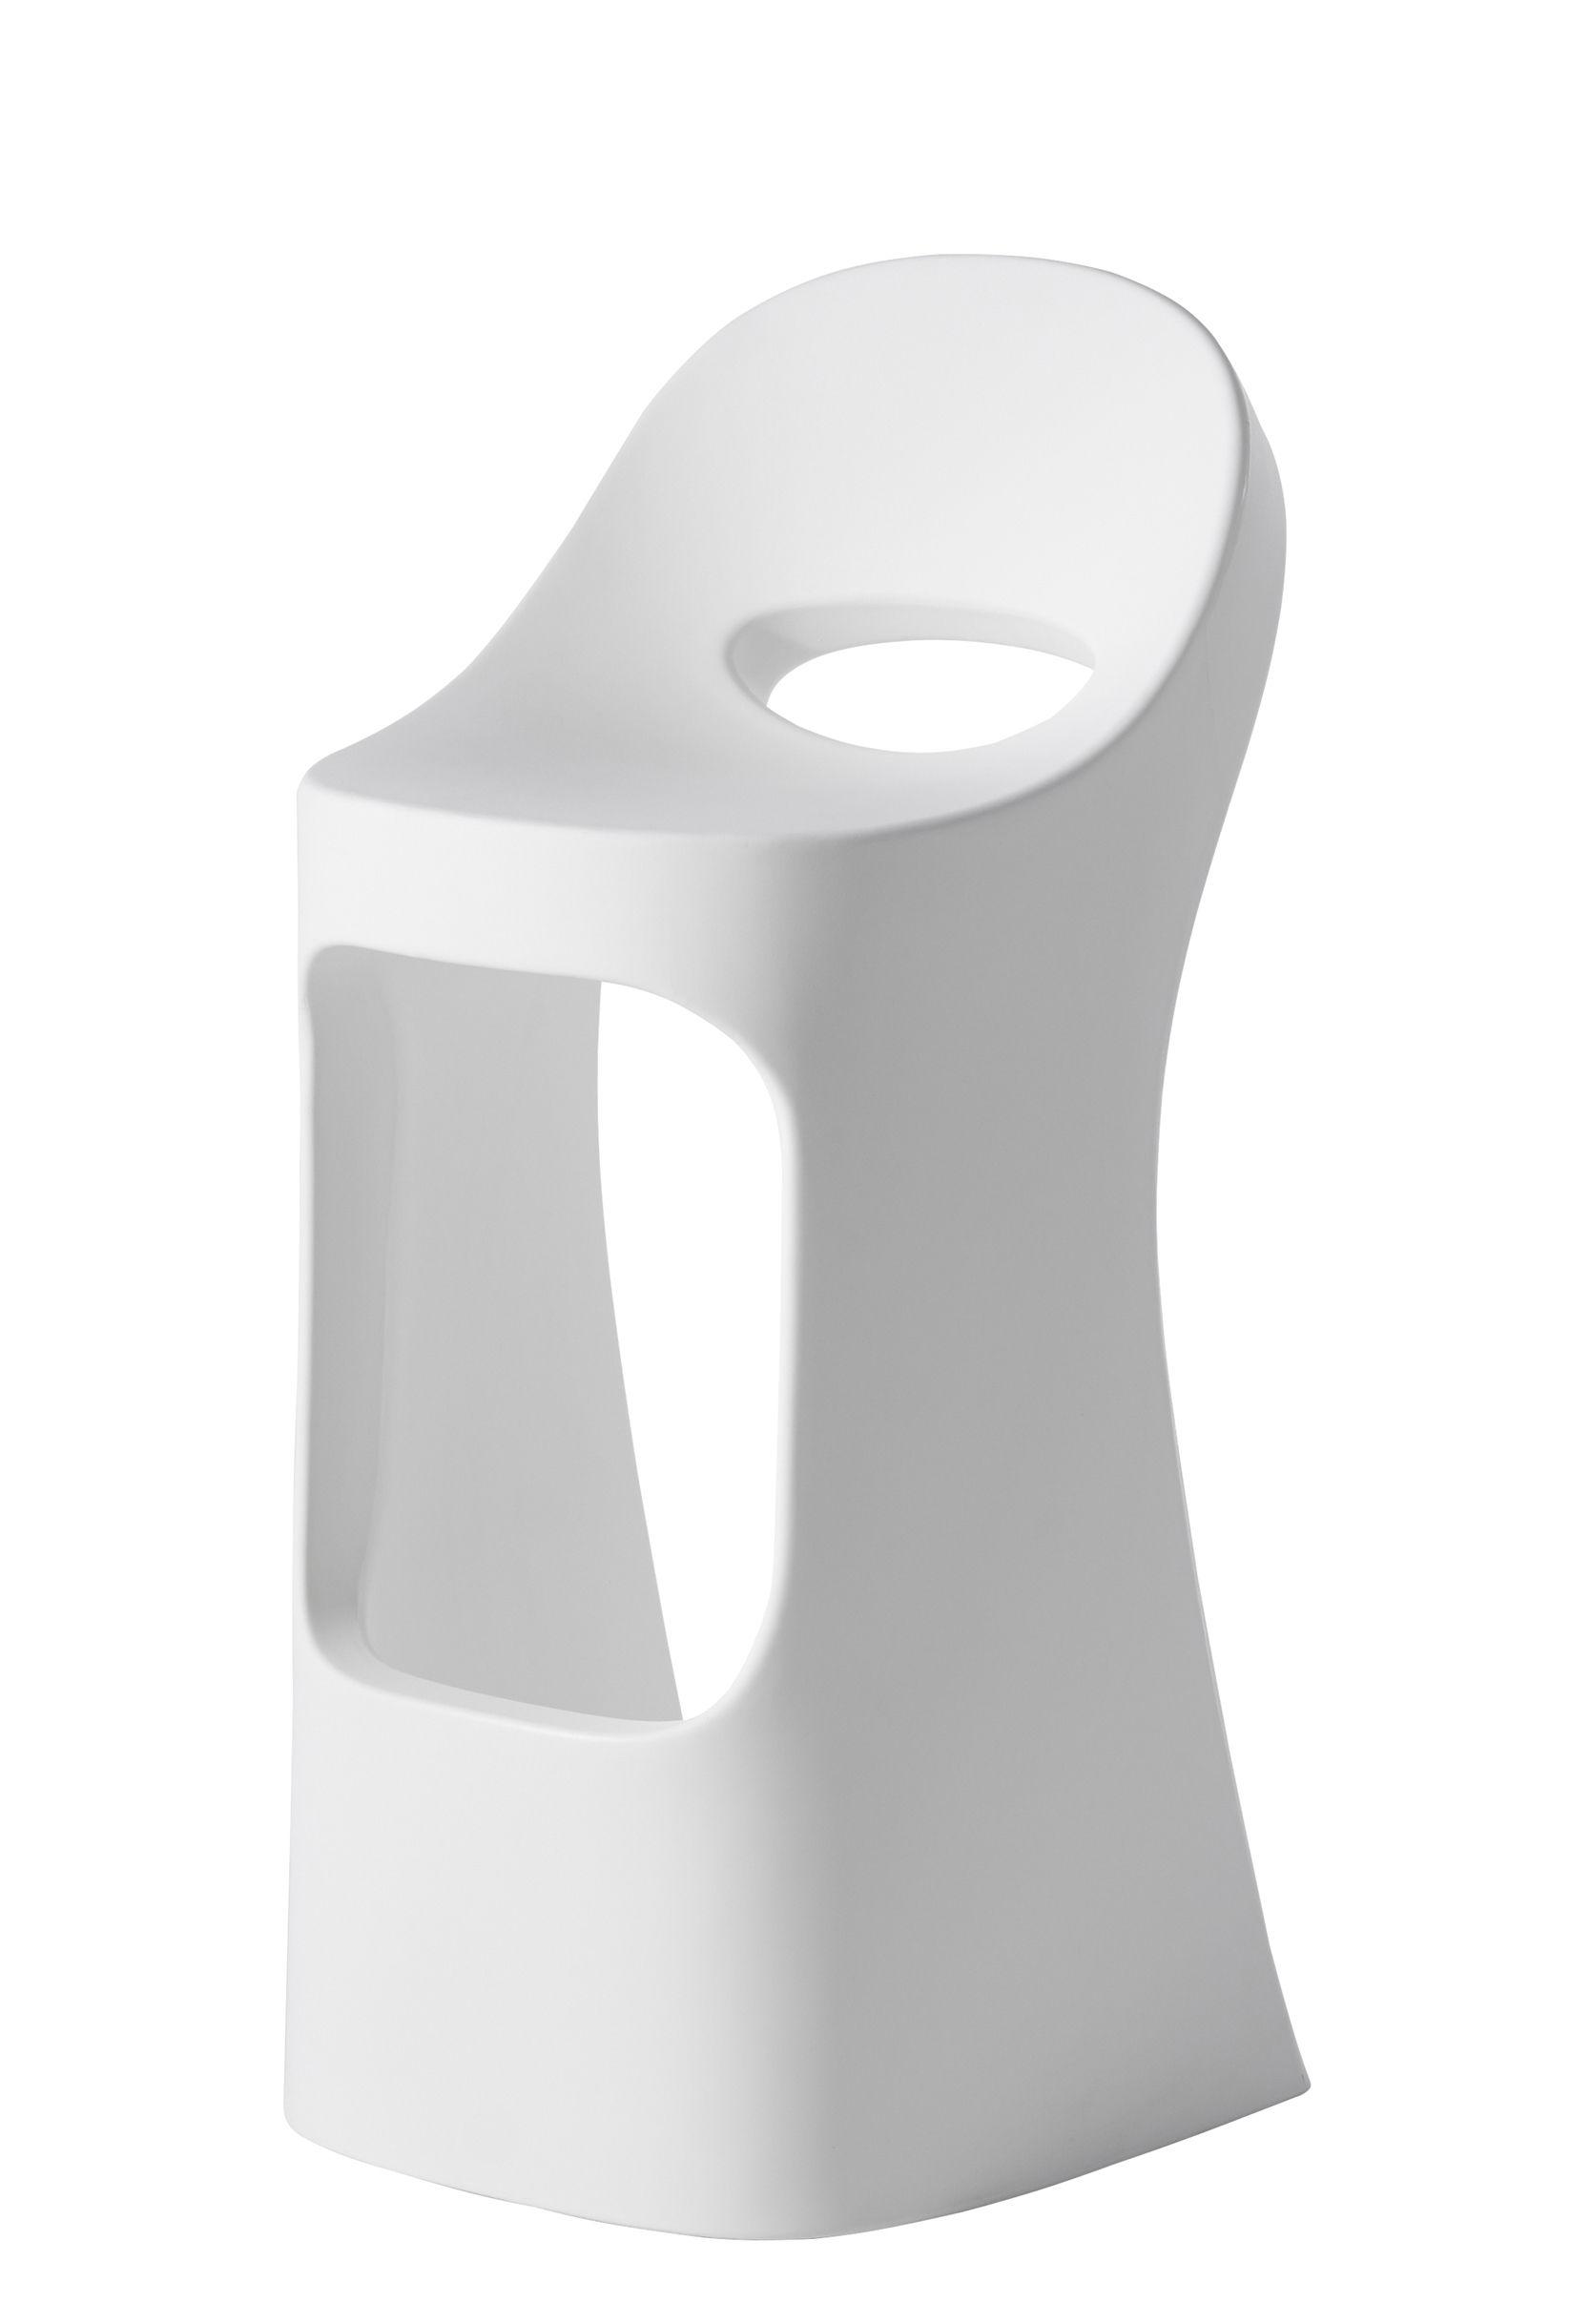 Mobilier - Tabourets de bar - Tabouret de bar Amélie Sit up / H 70 cm - Slide - Blanc - polyéthène recyclable